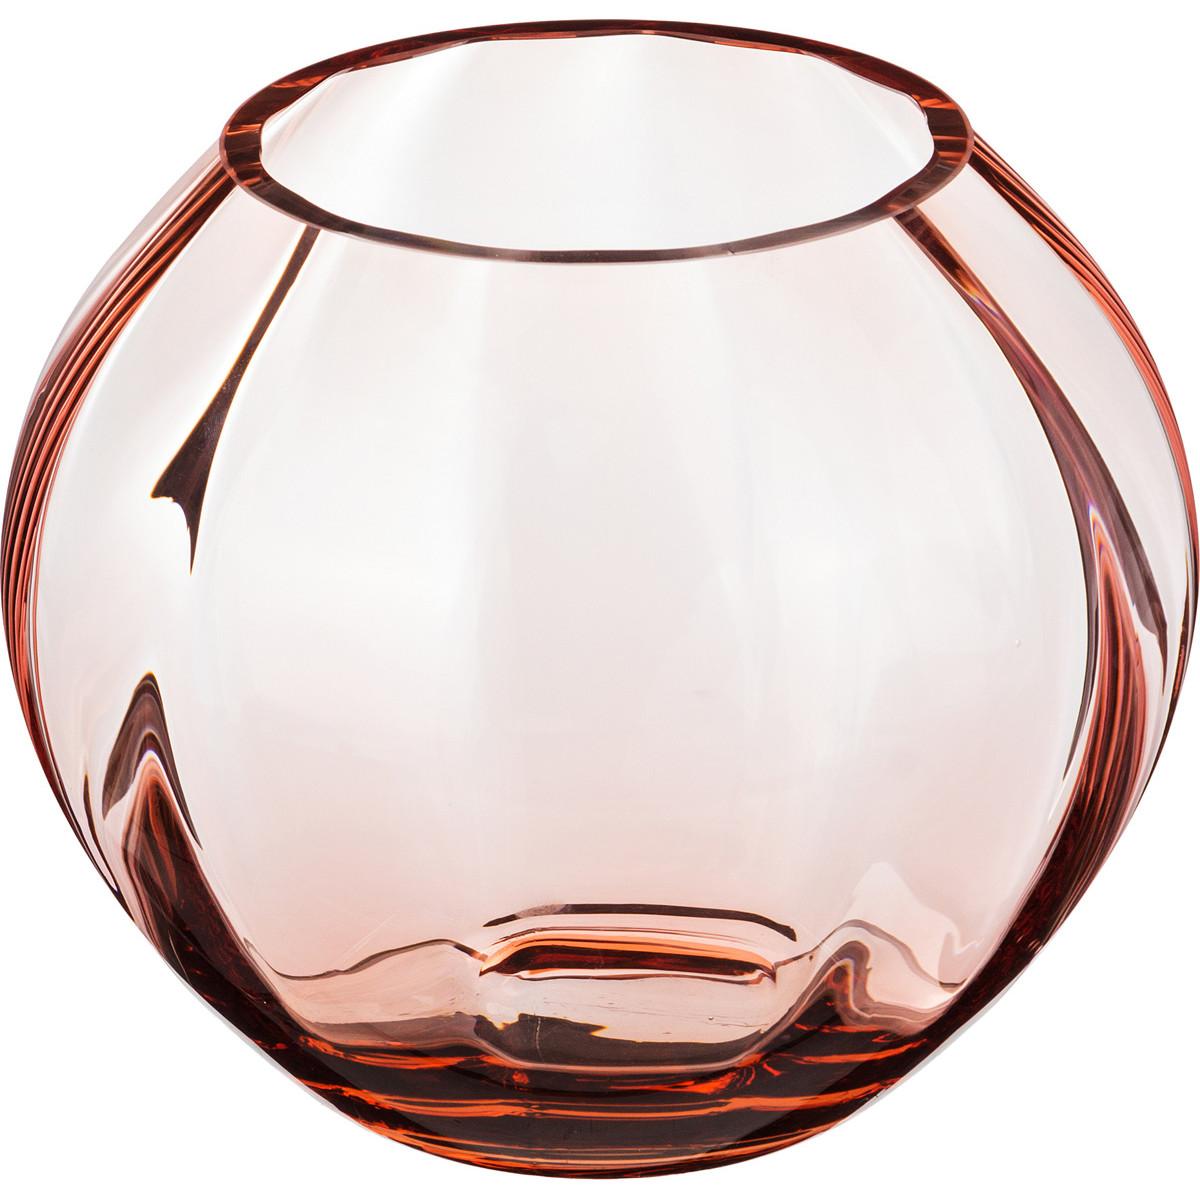 Вазы Crystalite Bohemia Ваза Sharona (16х18 см) ваза 20 см crystalite bohemia ваза 20 см